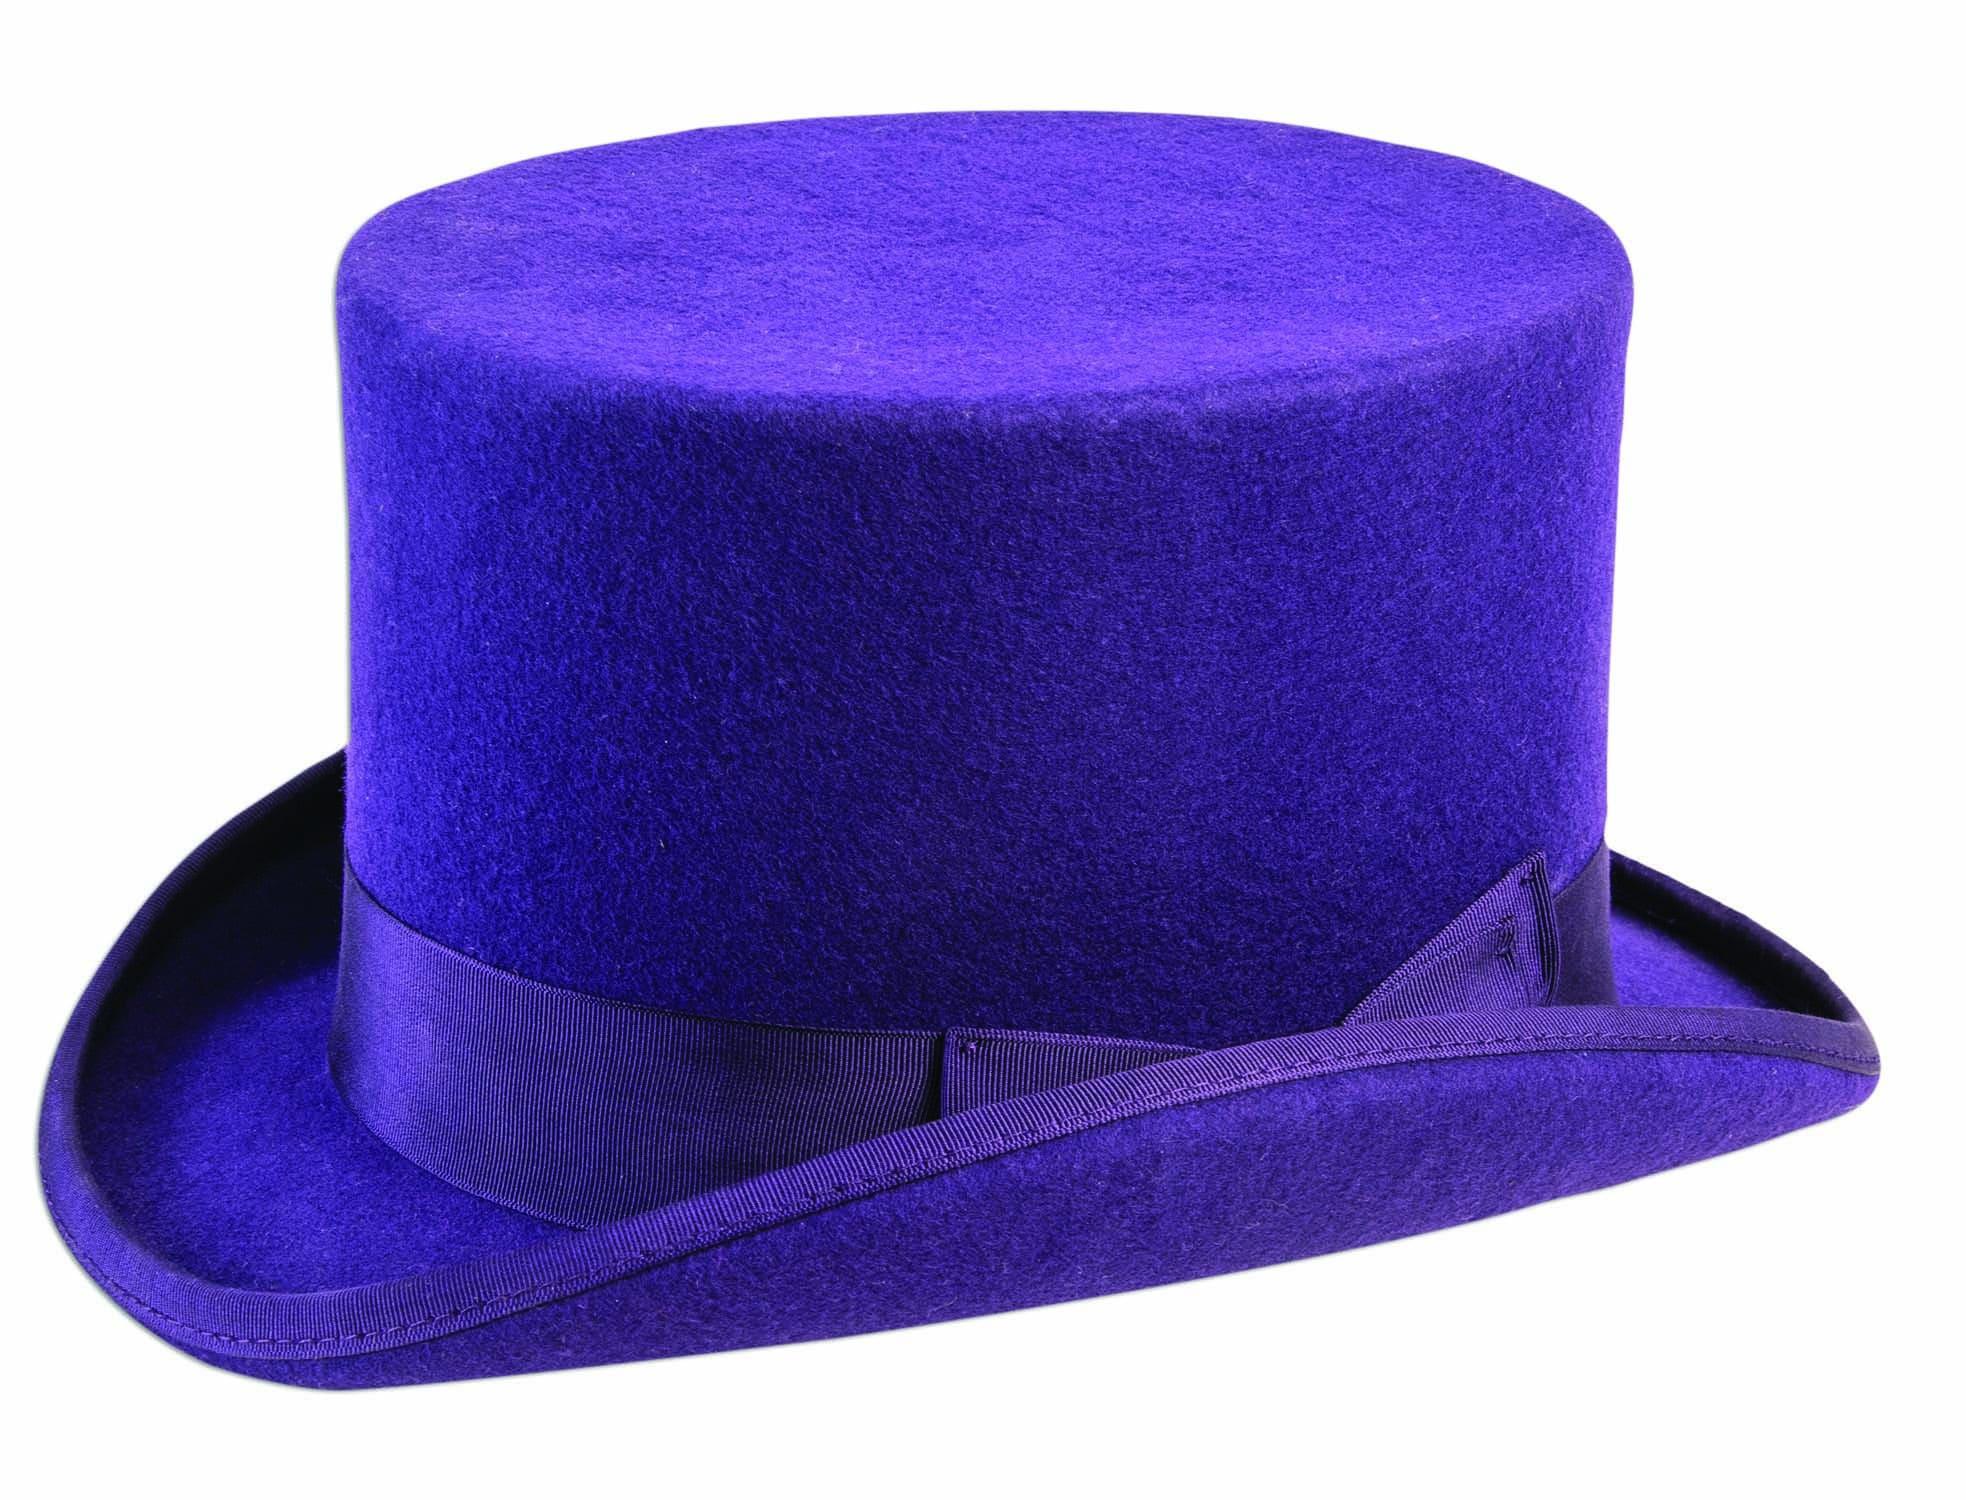 Deluxe Purple Top Hat 2